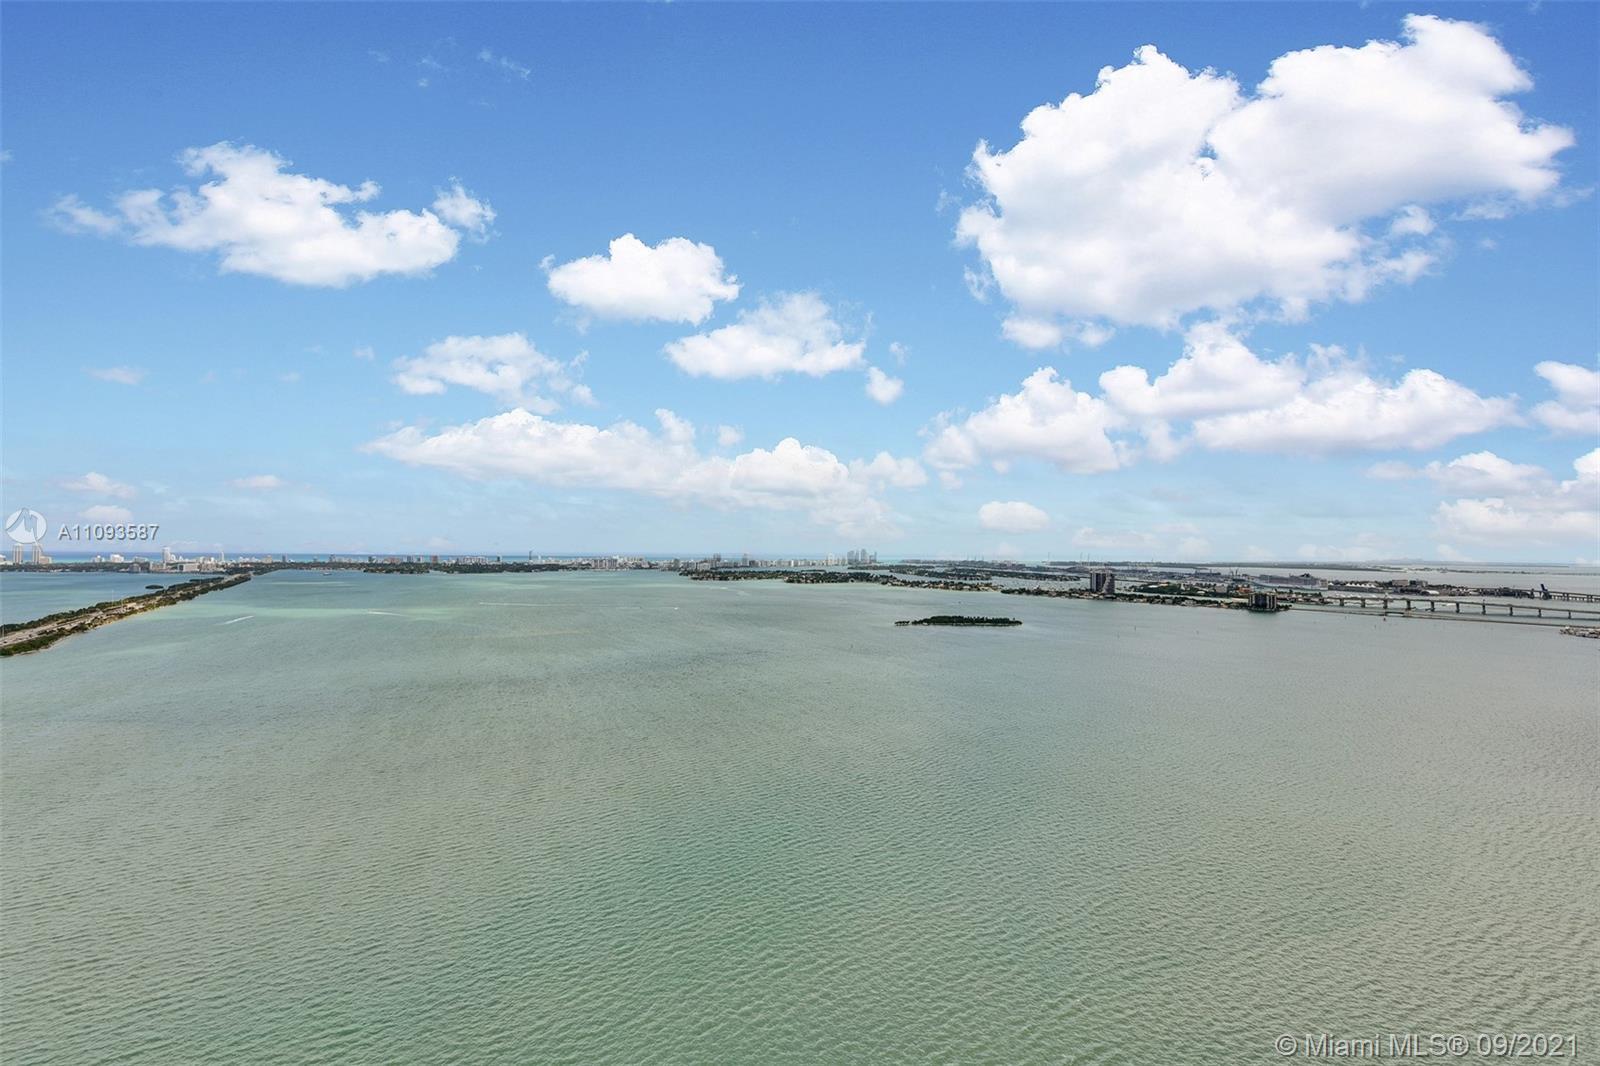 3131 7th Ave Unit 4703, Miami, Florida 33137